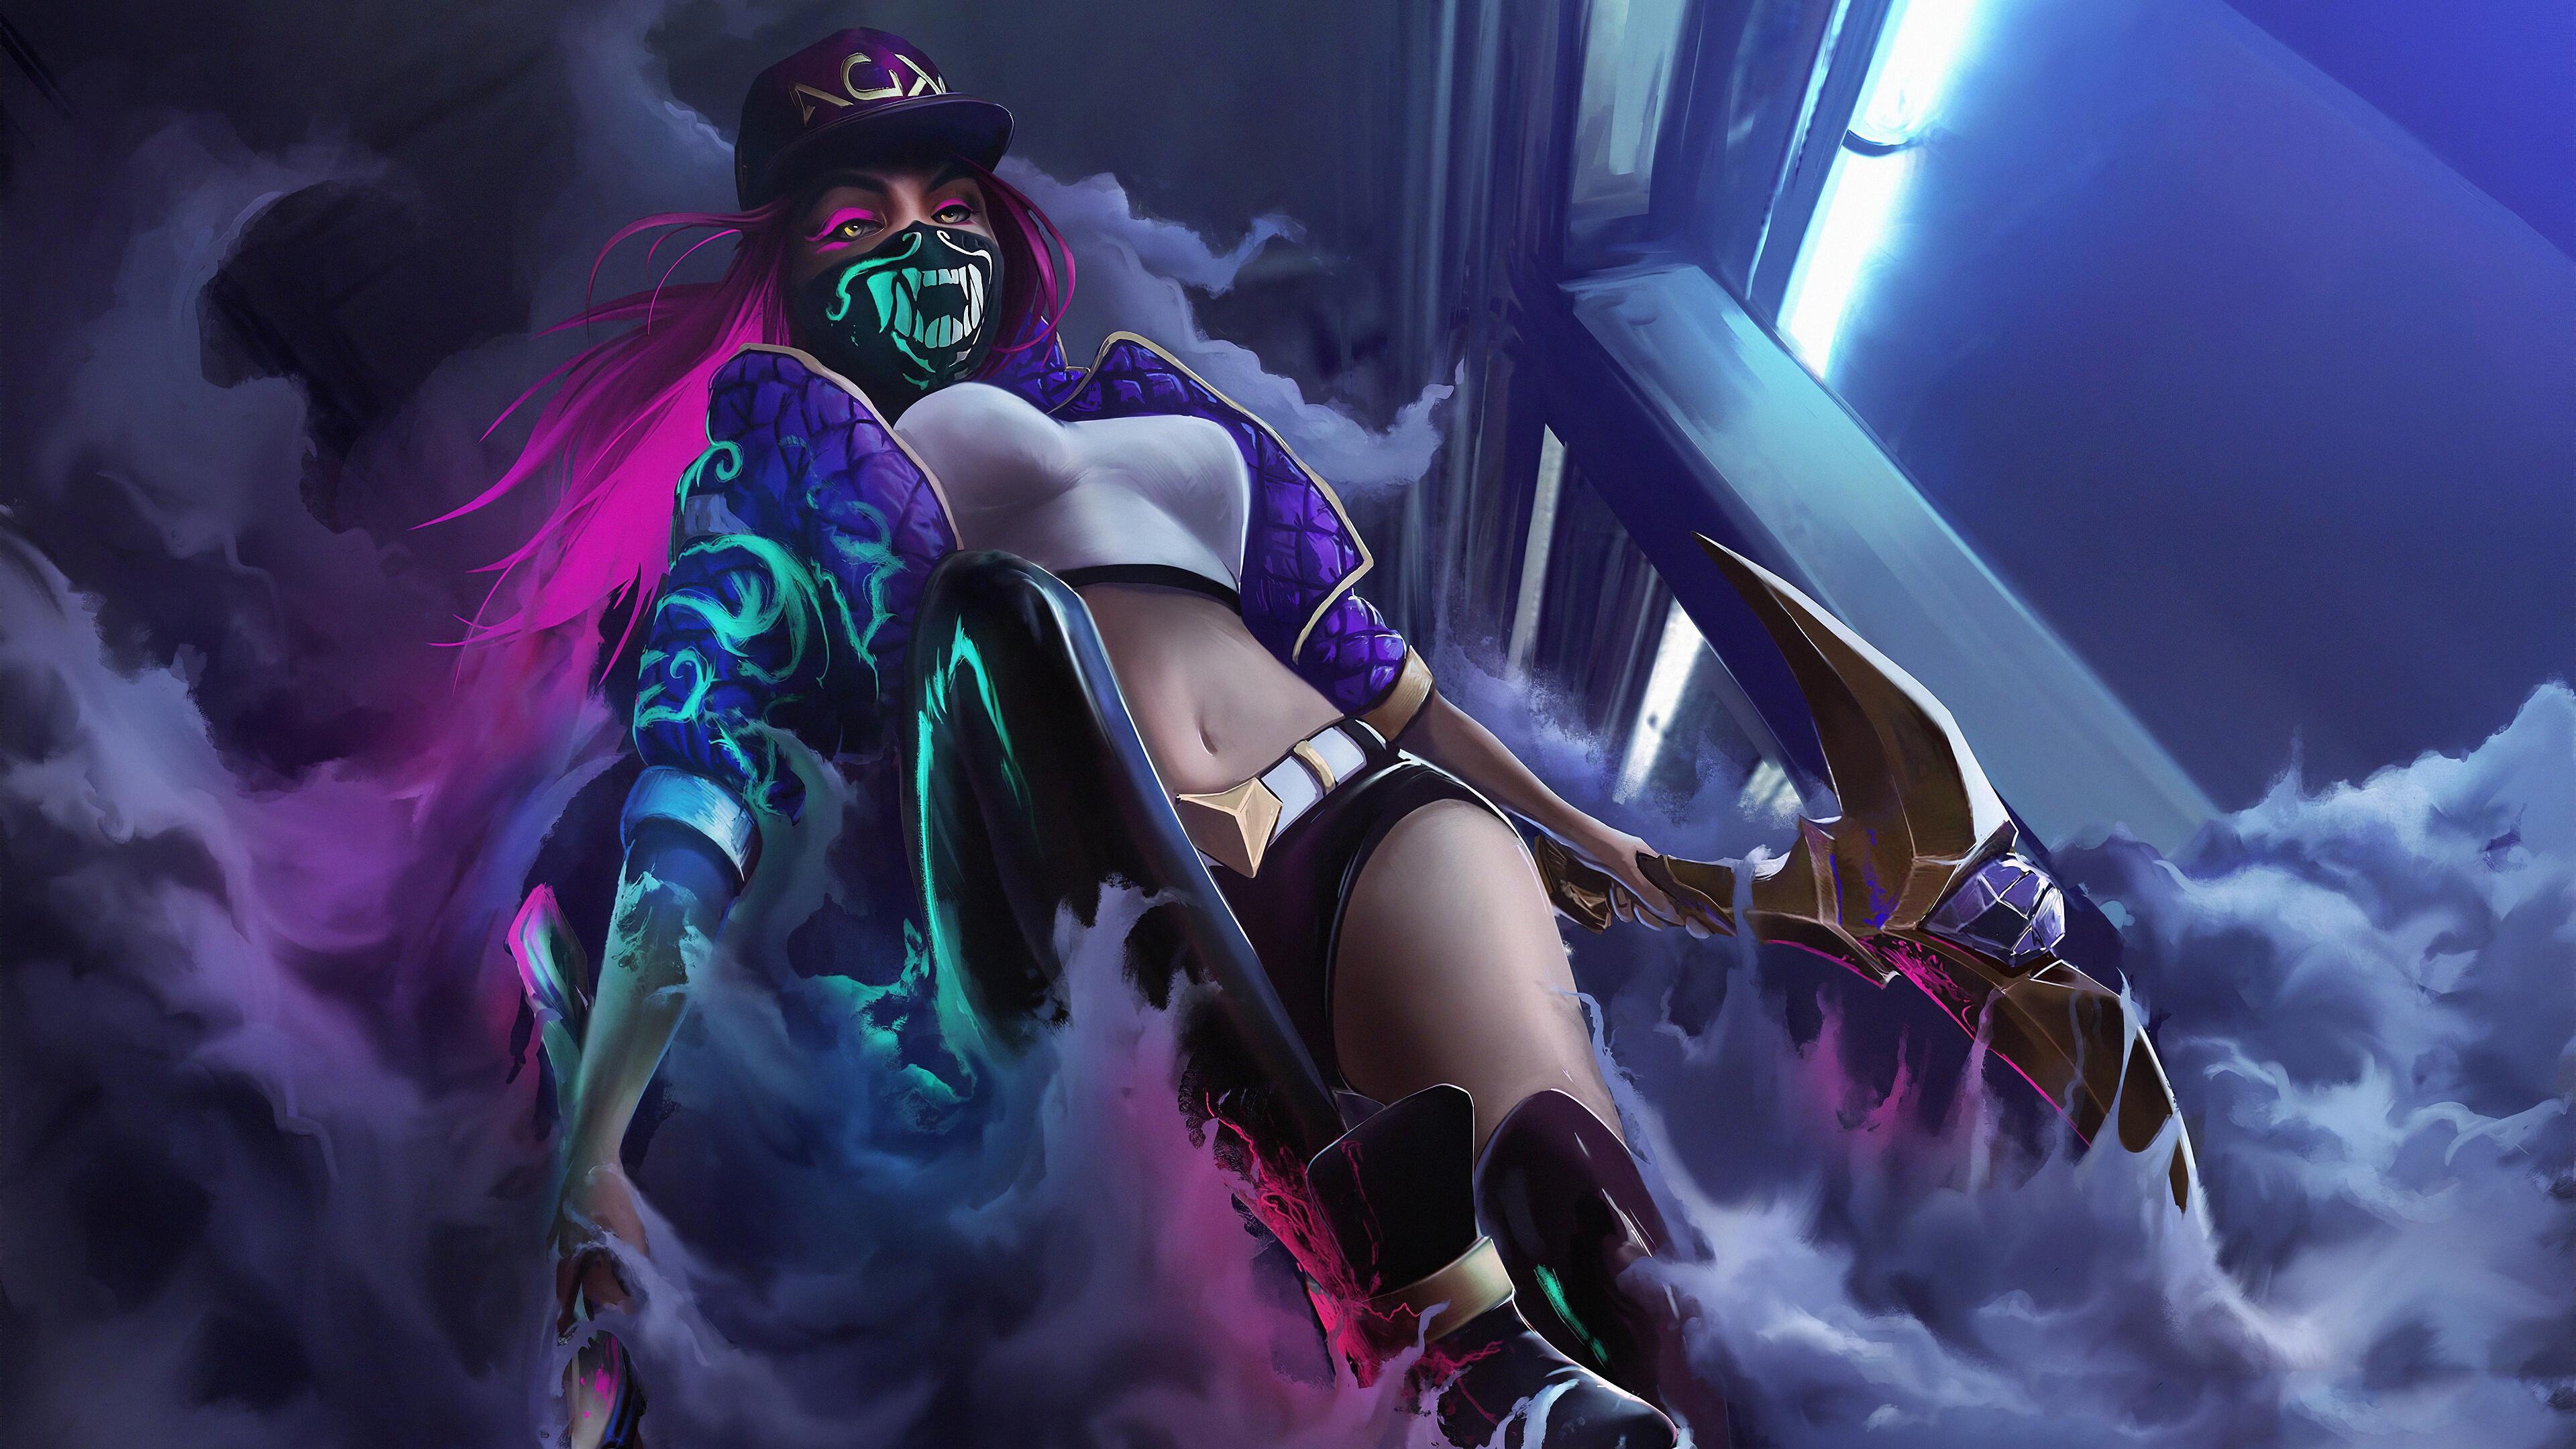 General 3840x2160 digital art artwork video games women Akali Akali(League of Legends) belly kda thighs League of Legends